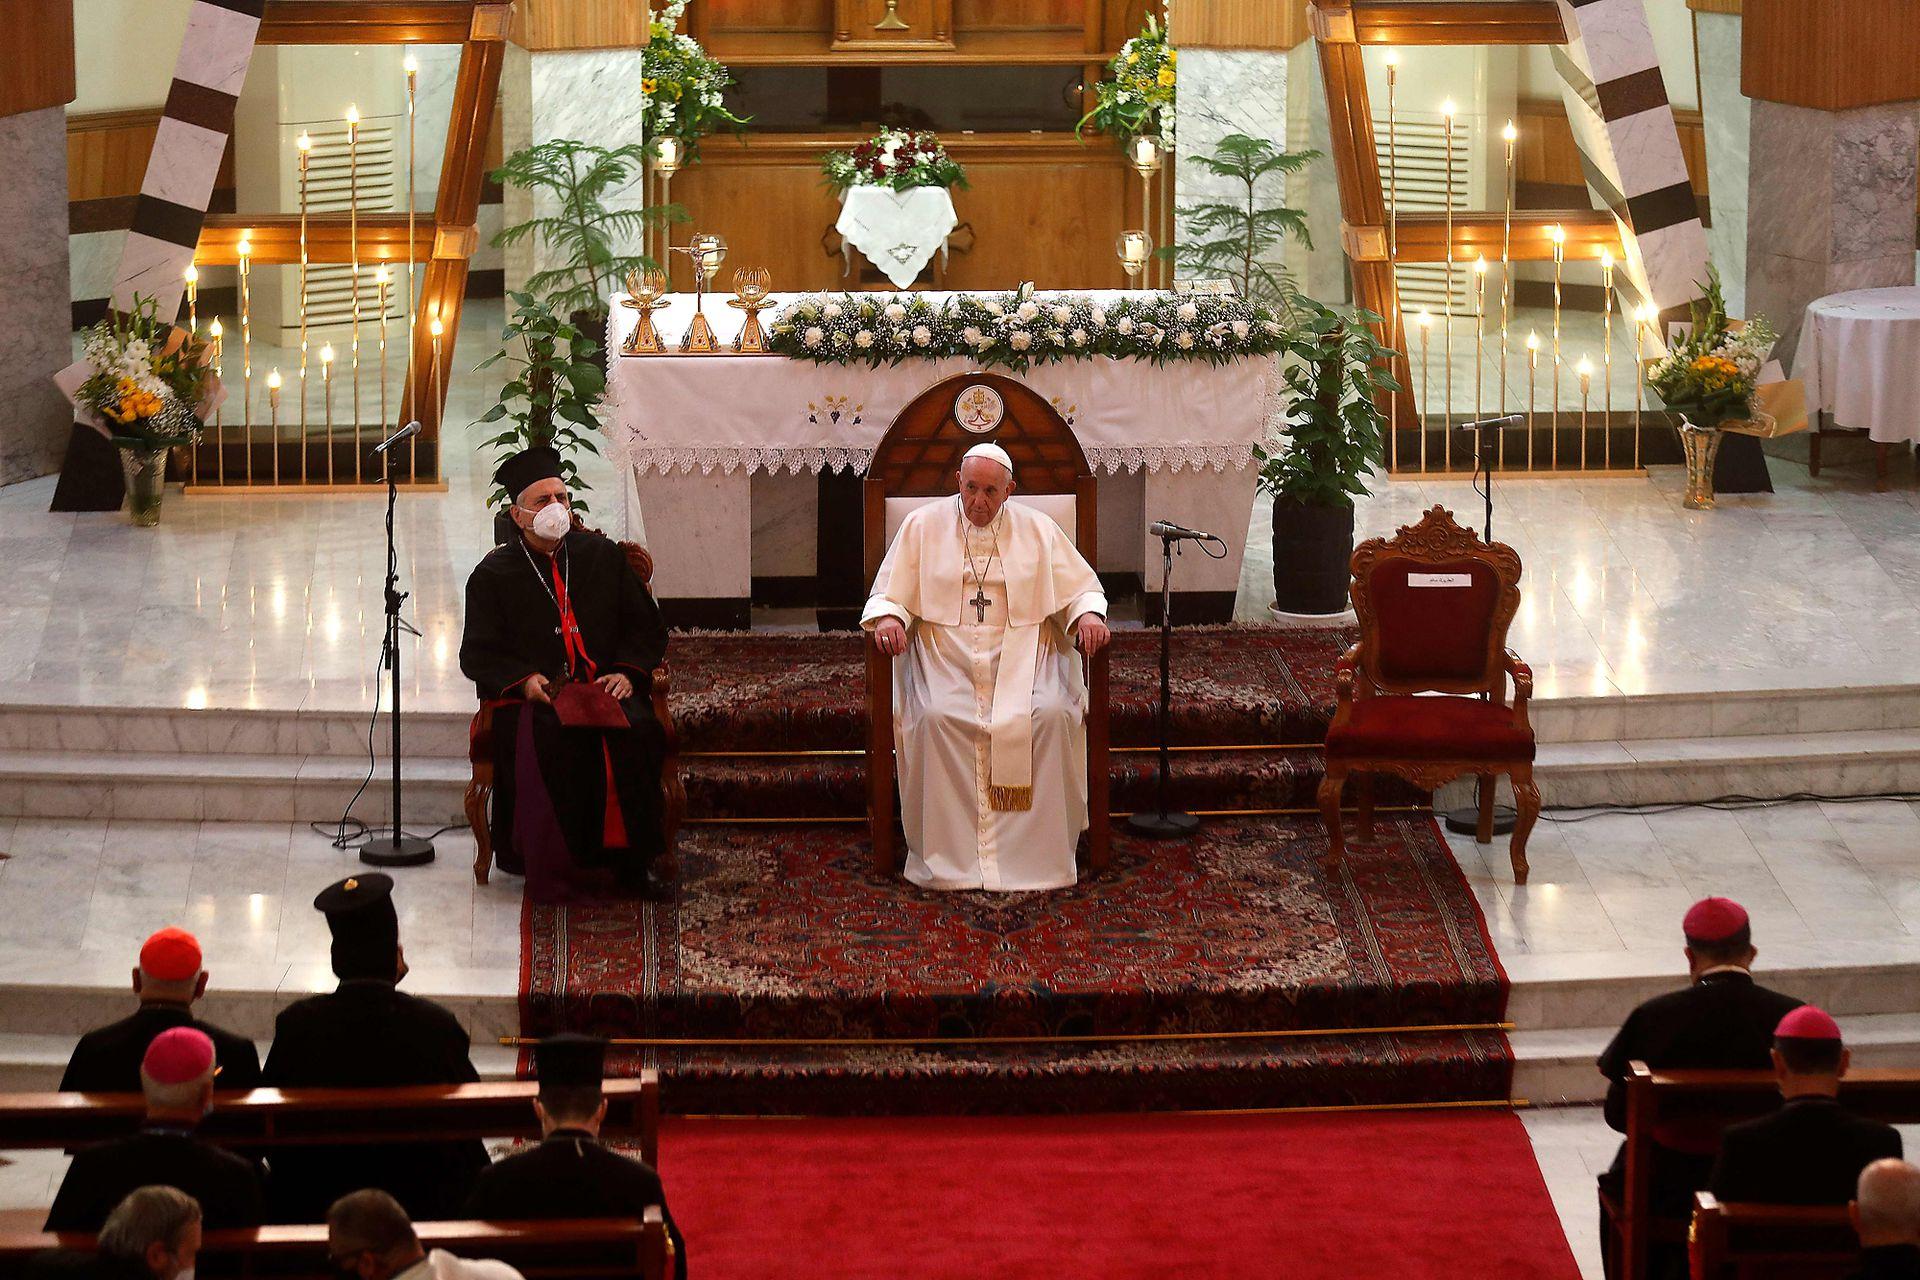 El Papa Francisco durante su sermón en la Catedral Siro-Católica de Nuestra Señora de la Salvación